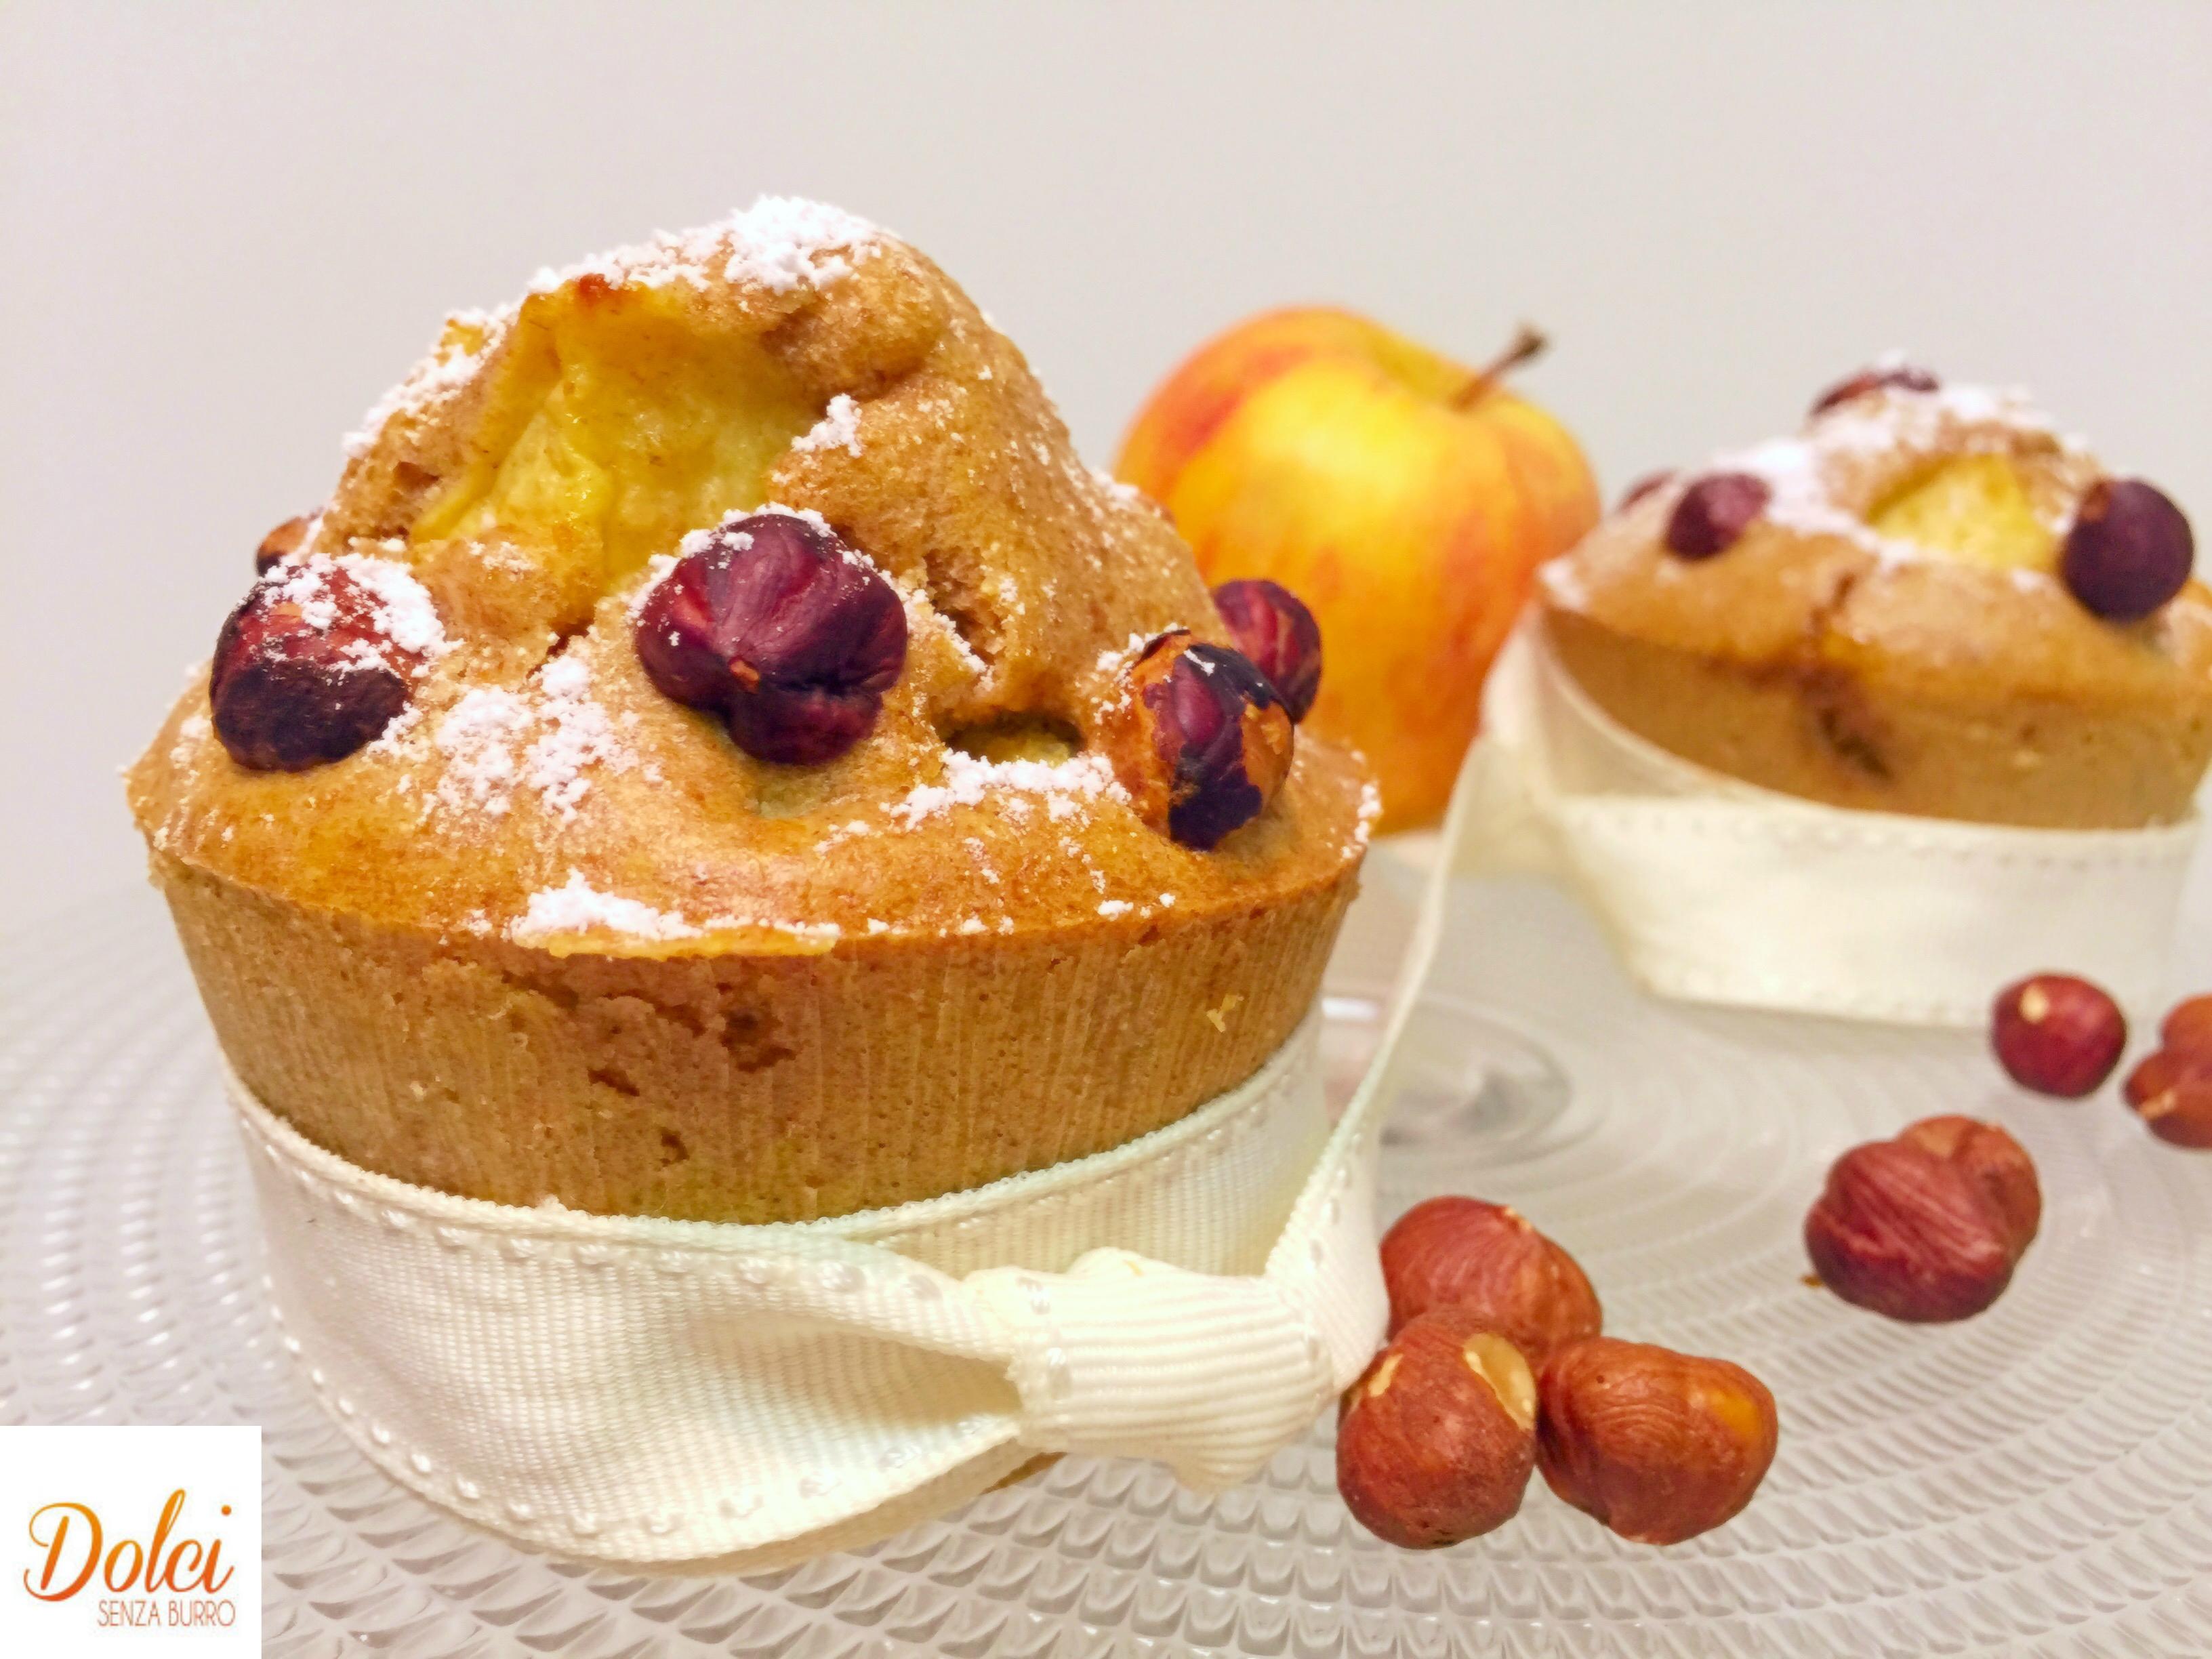 Muffin alle Mele e Nocciole Senza Burro, i muffin golosi e leggeri di dolci senza burro